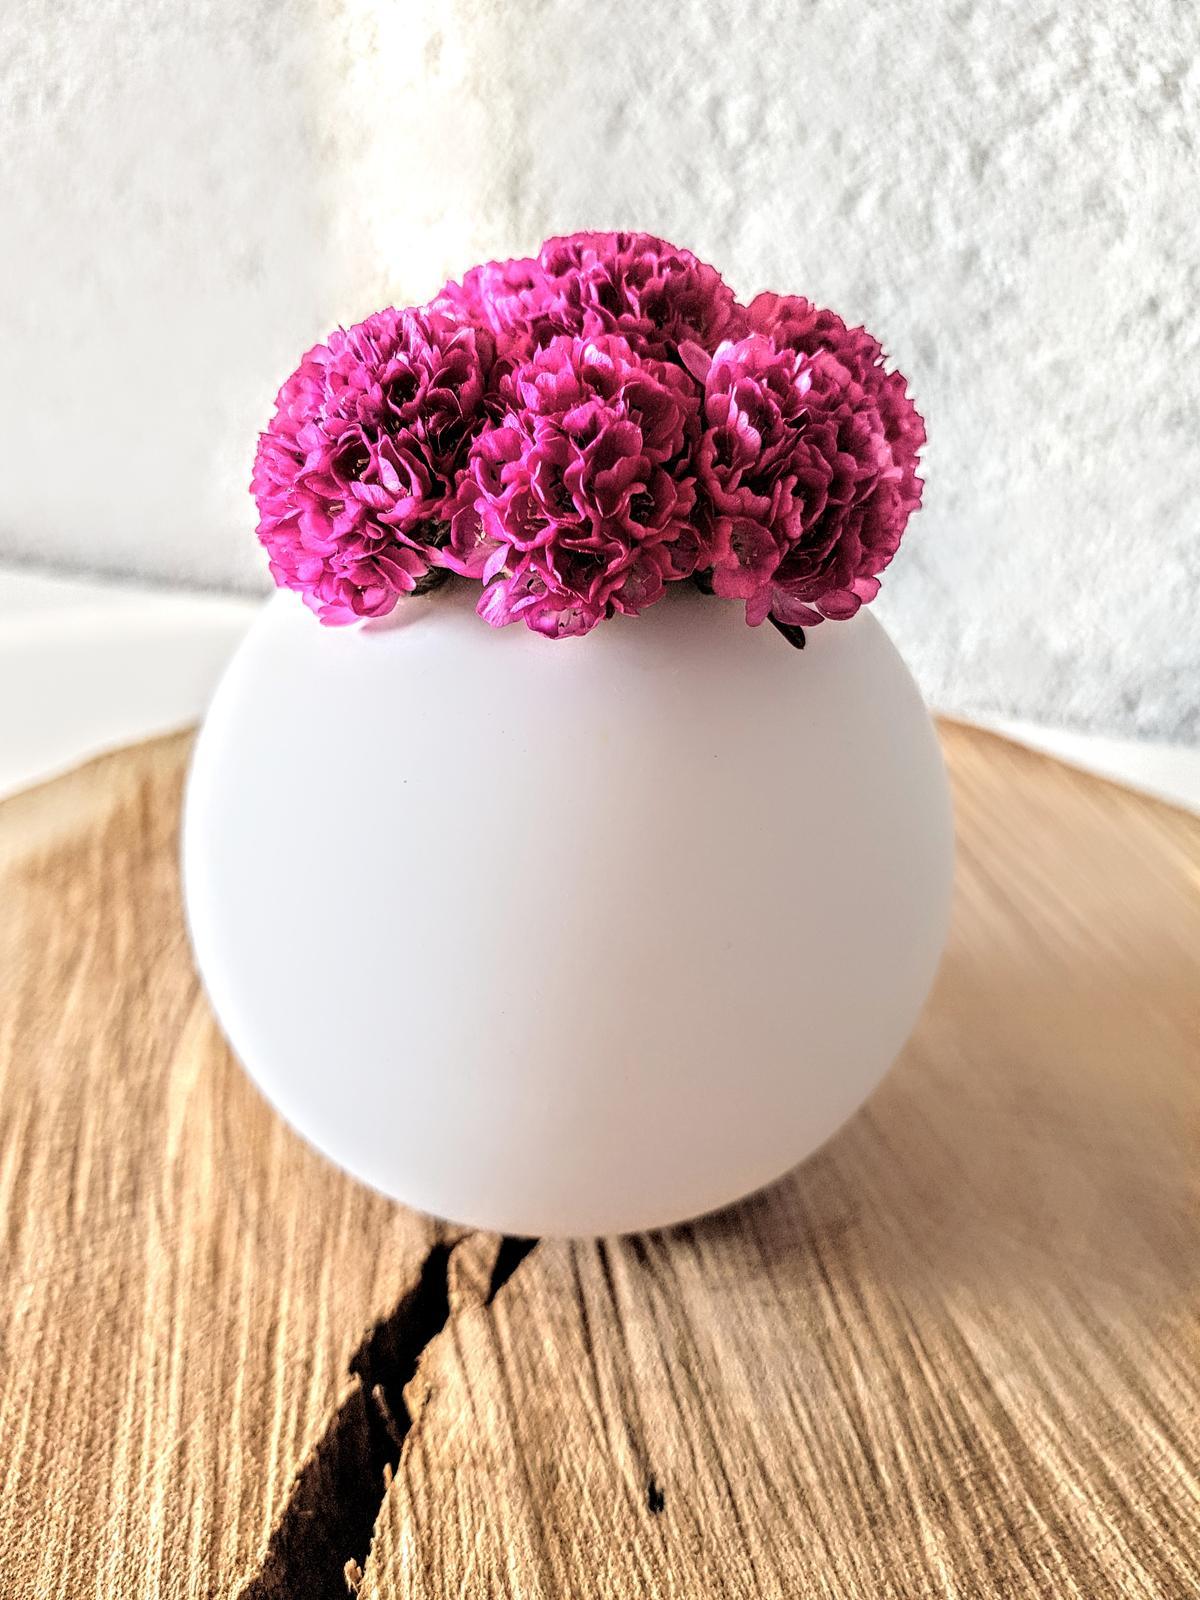 🖤 keď drobnosti robia radosť 🖤 - milujem toto obdobie keď možem mať zo záhrady vždy čerstvé kvety